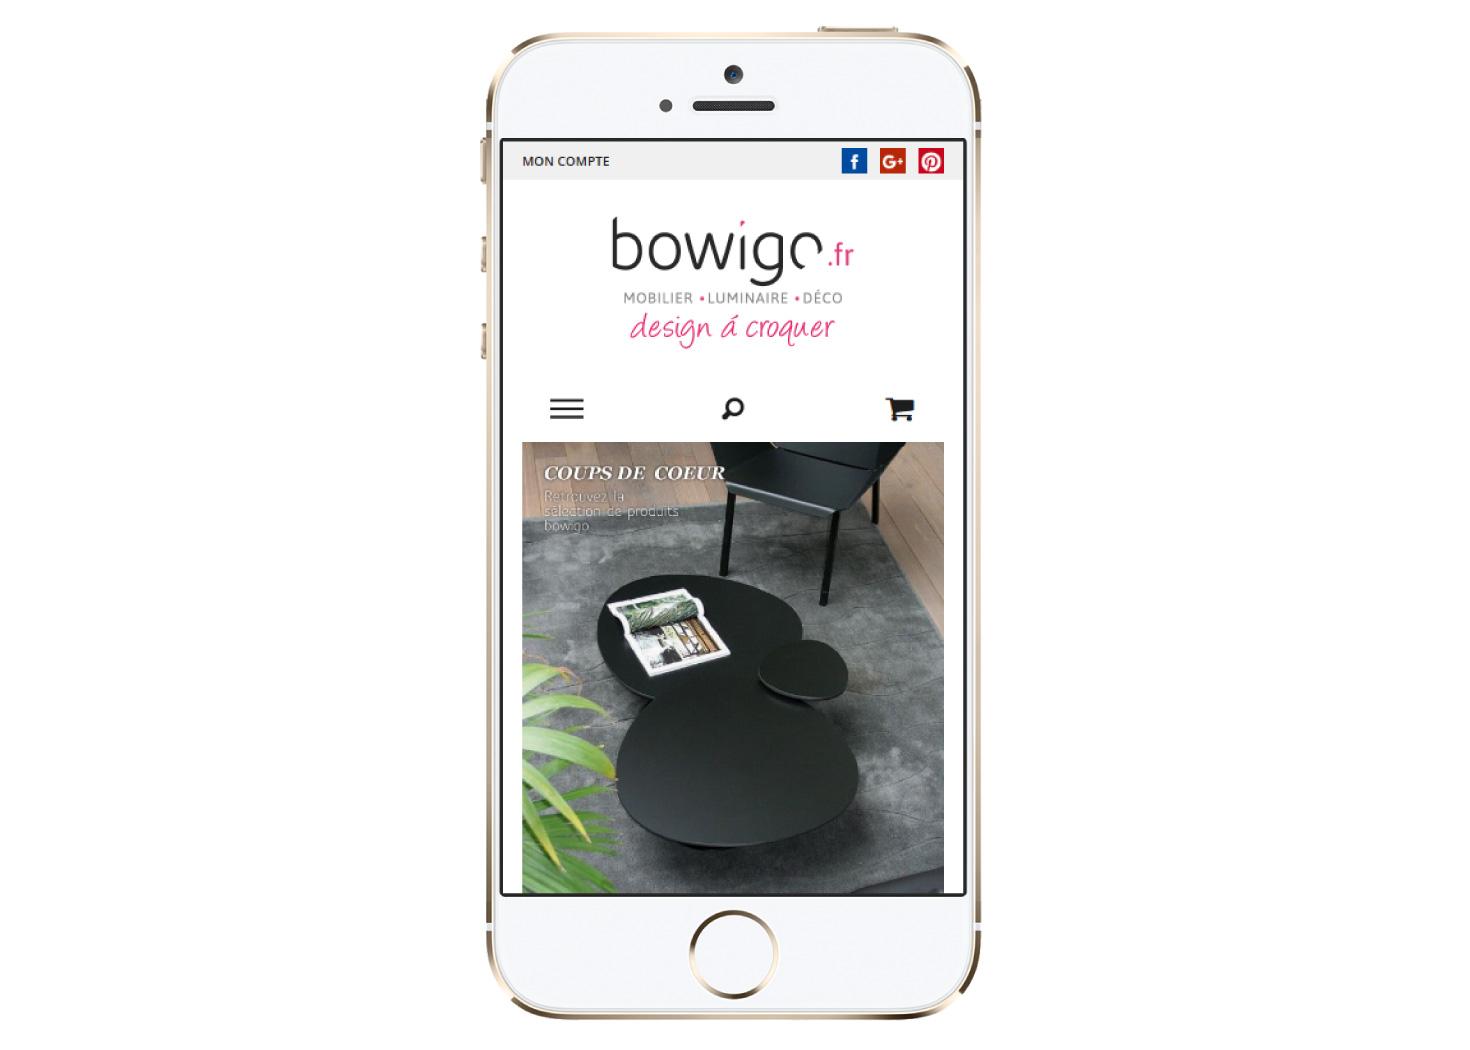 bowigo-mobile-accueil